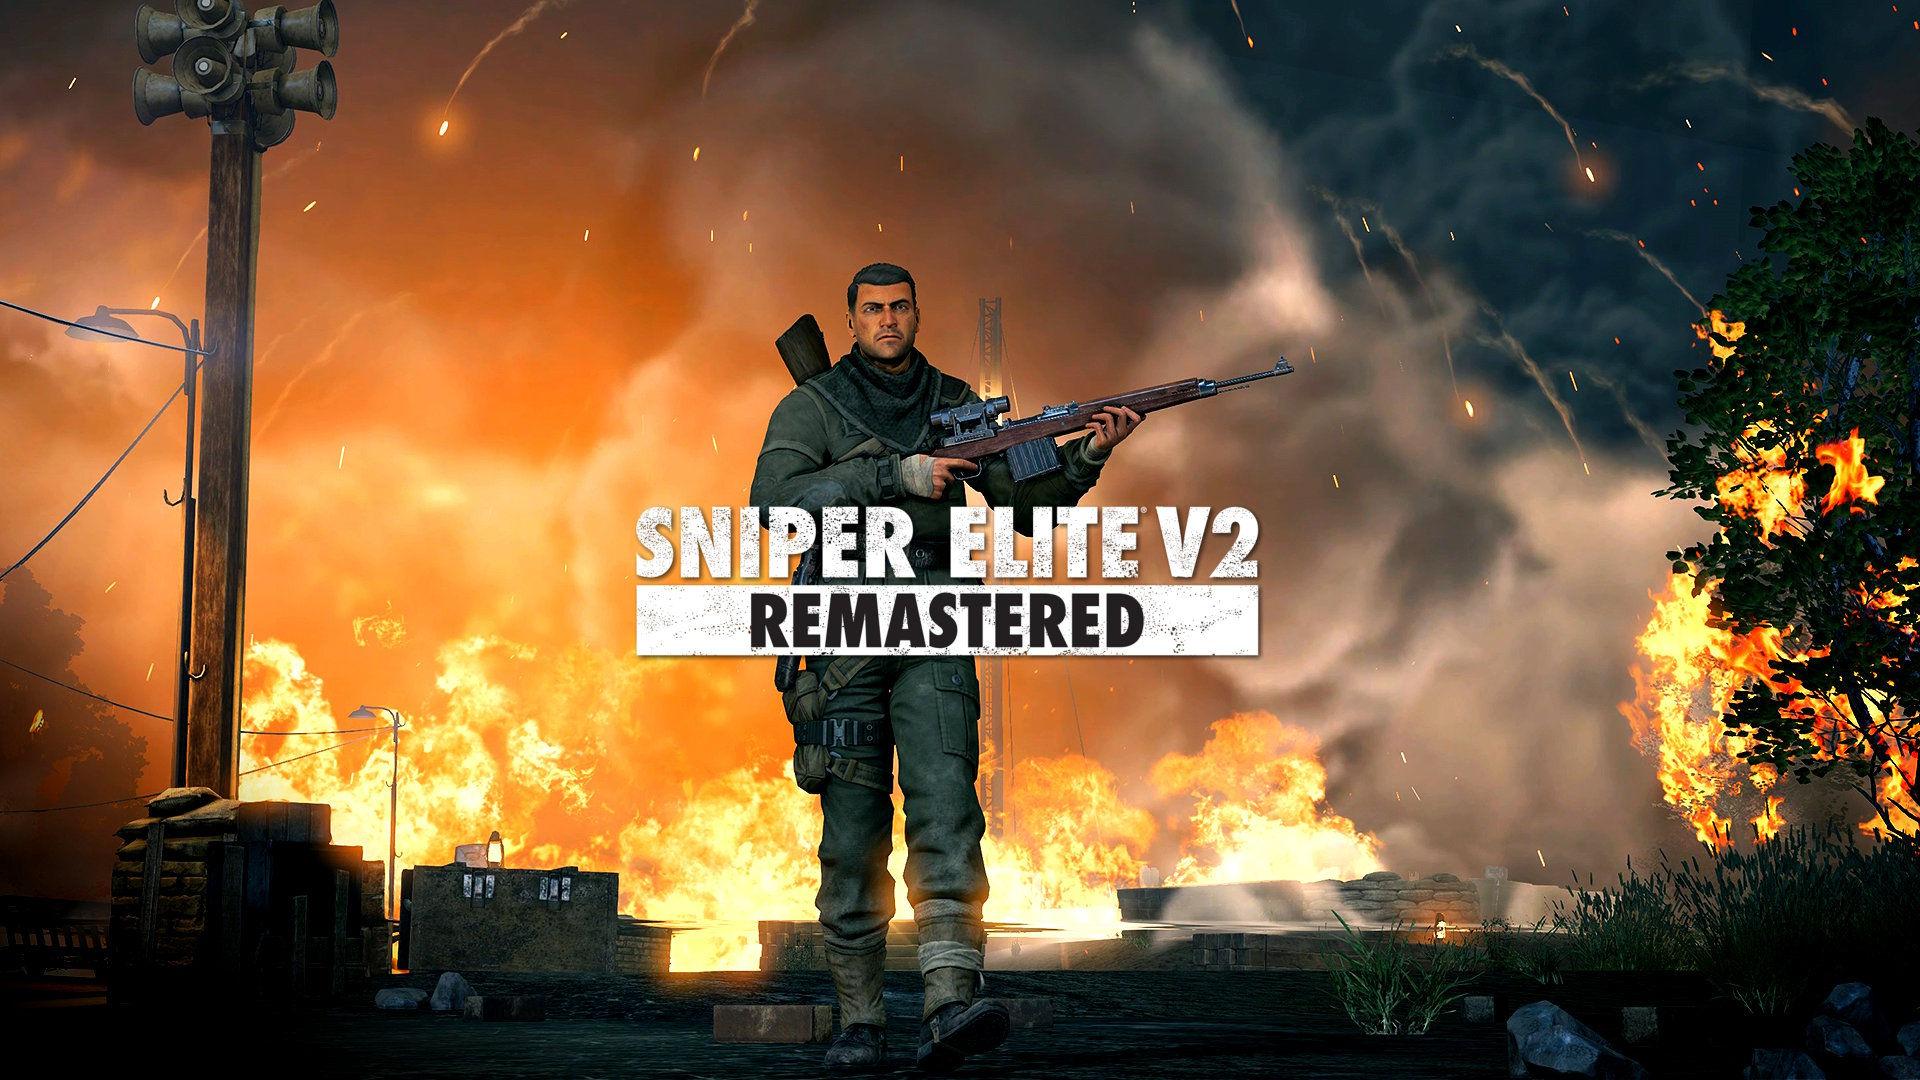 Sniper Elite V2 Remastered Minimum ve Önerilen Sistem Gereksinimleri